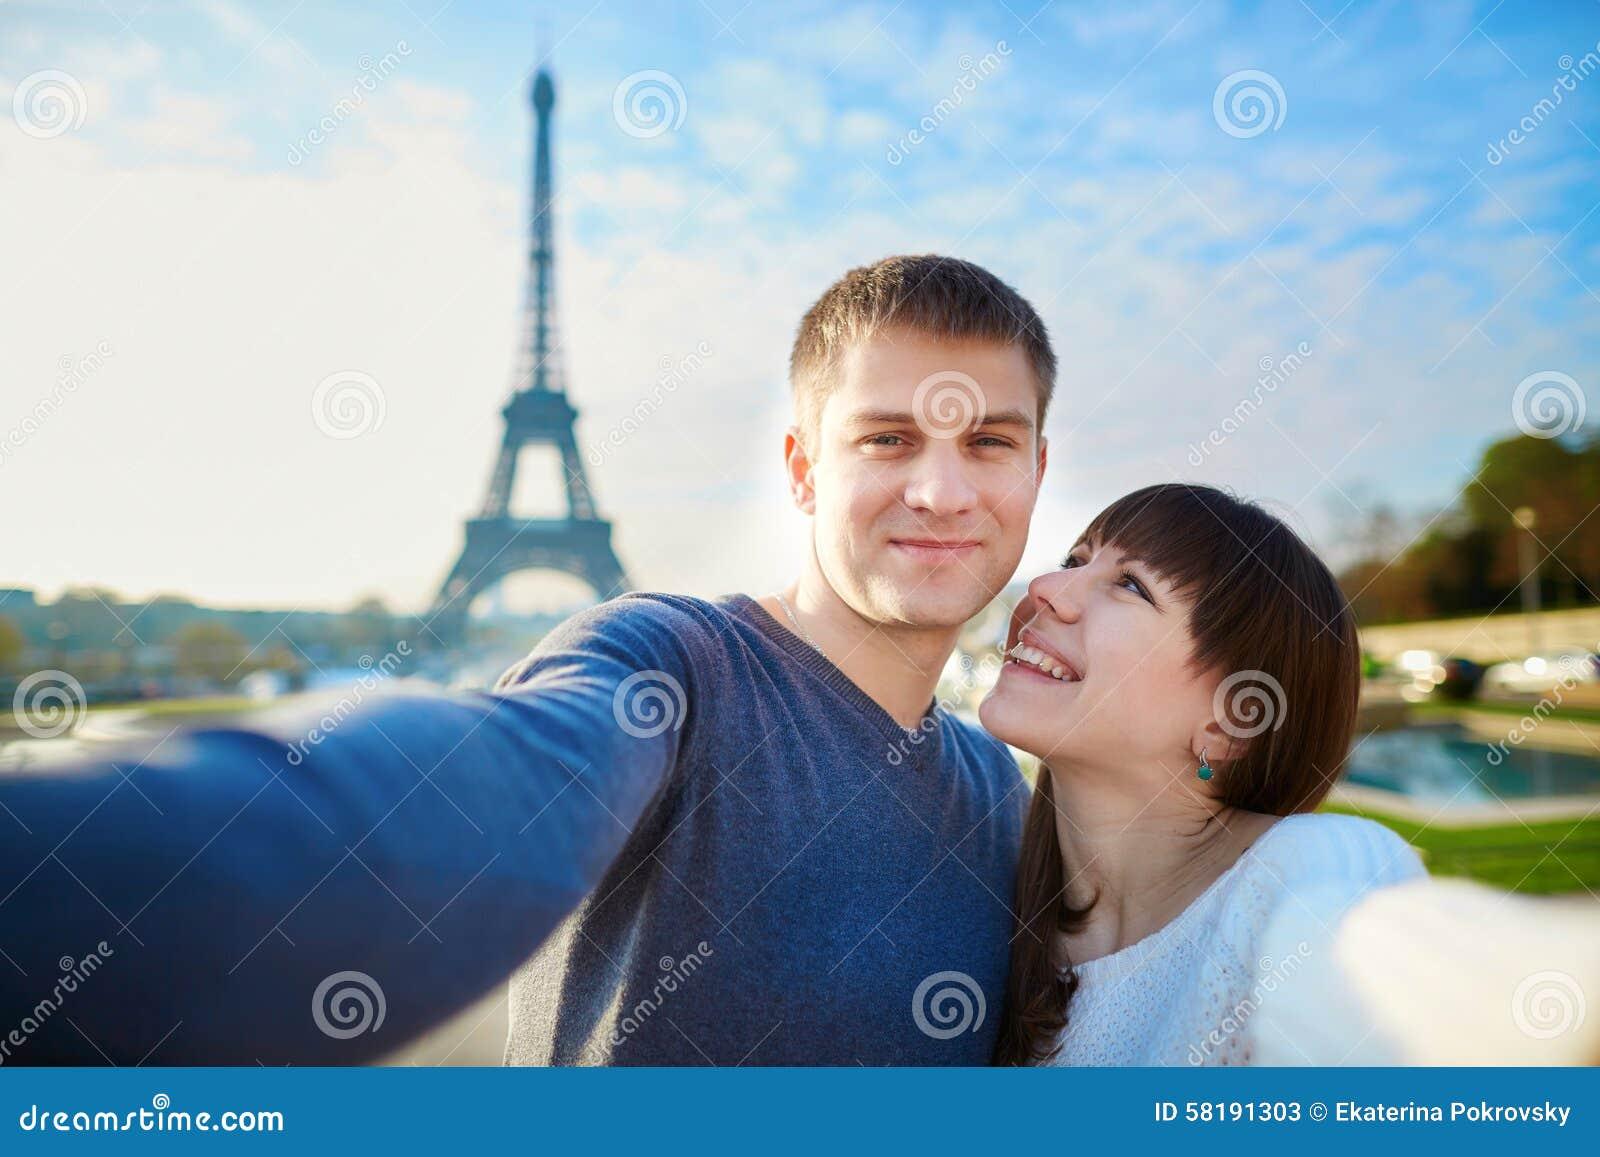 couple ...